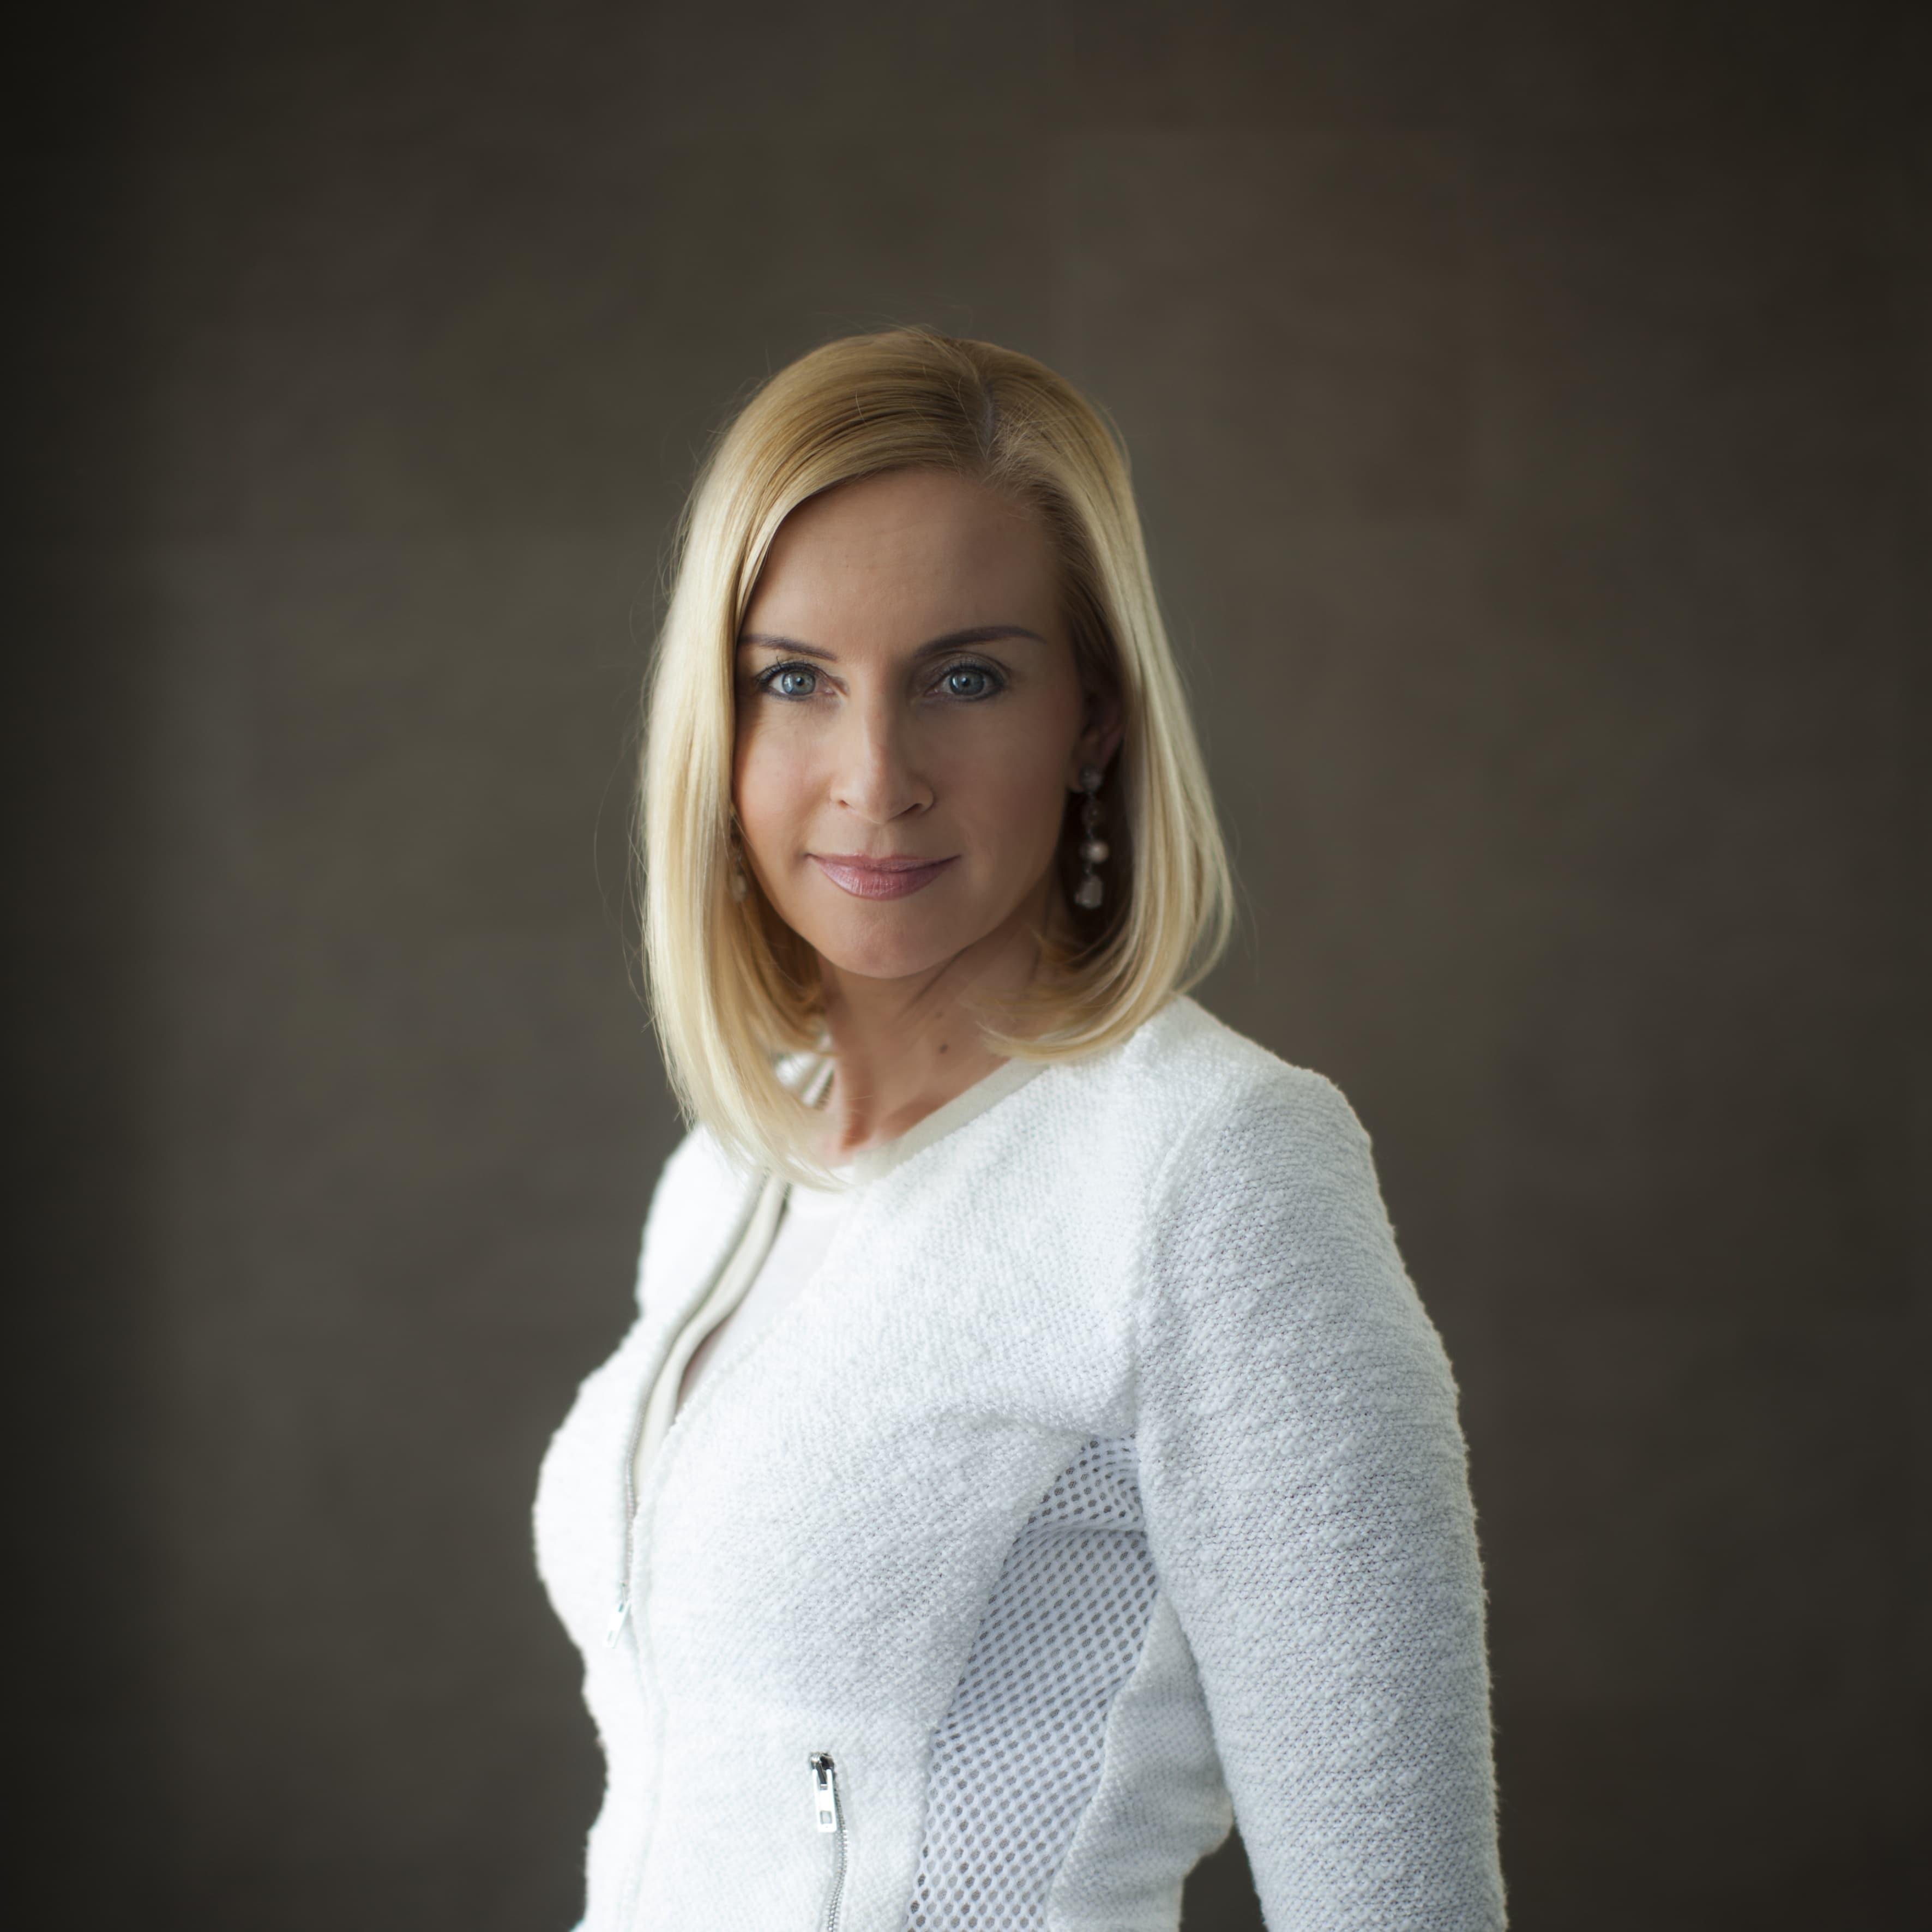 Manon Bongers